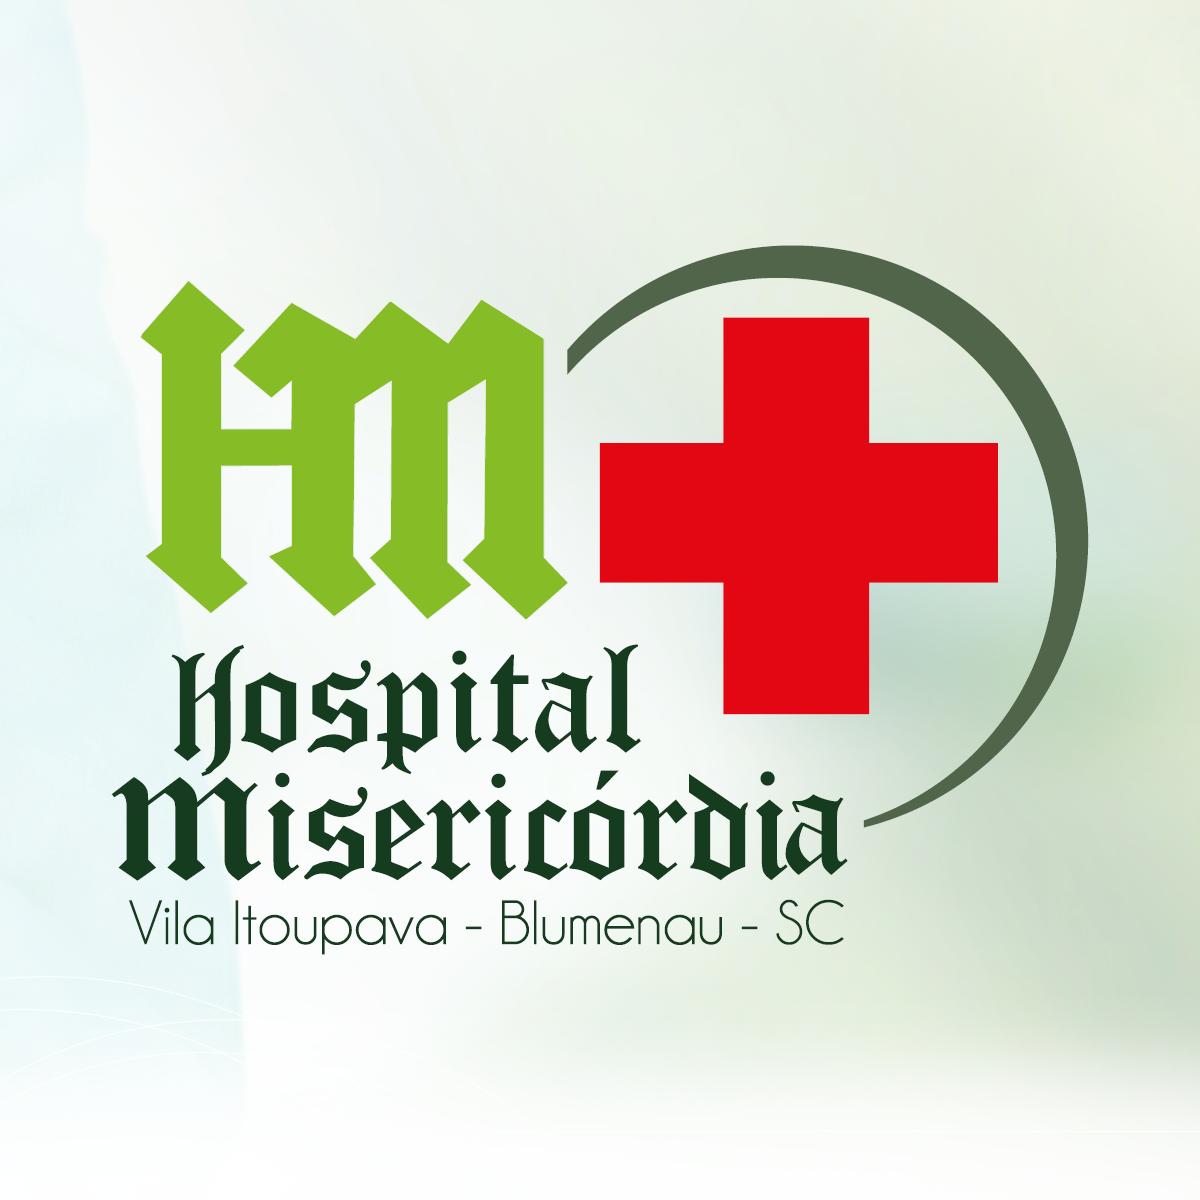 HOSPITAL MISERICORDIA VILA ITOUPAVA